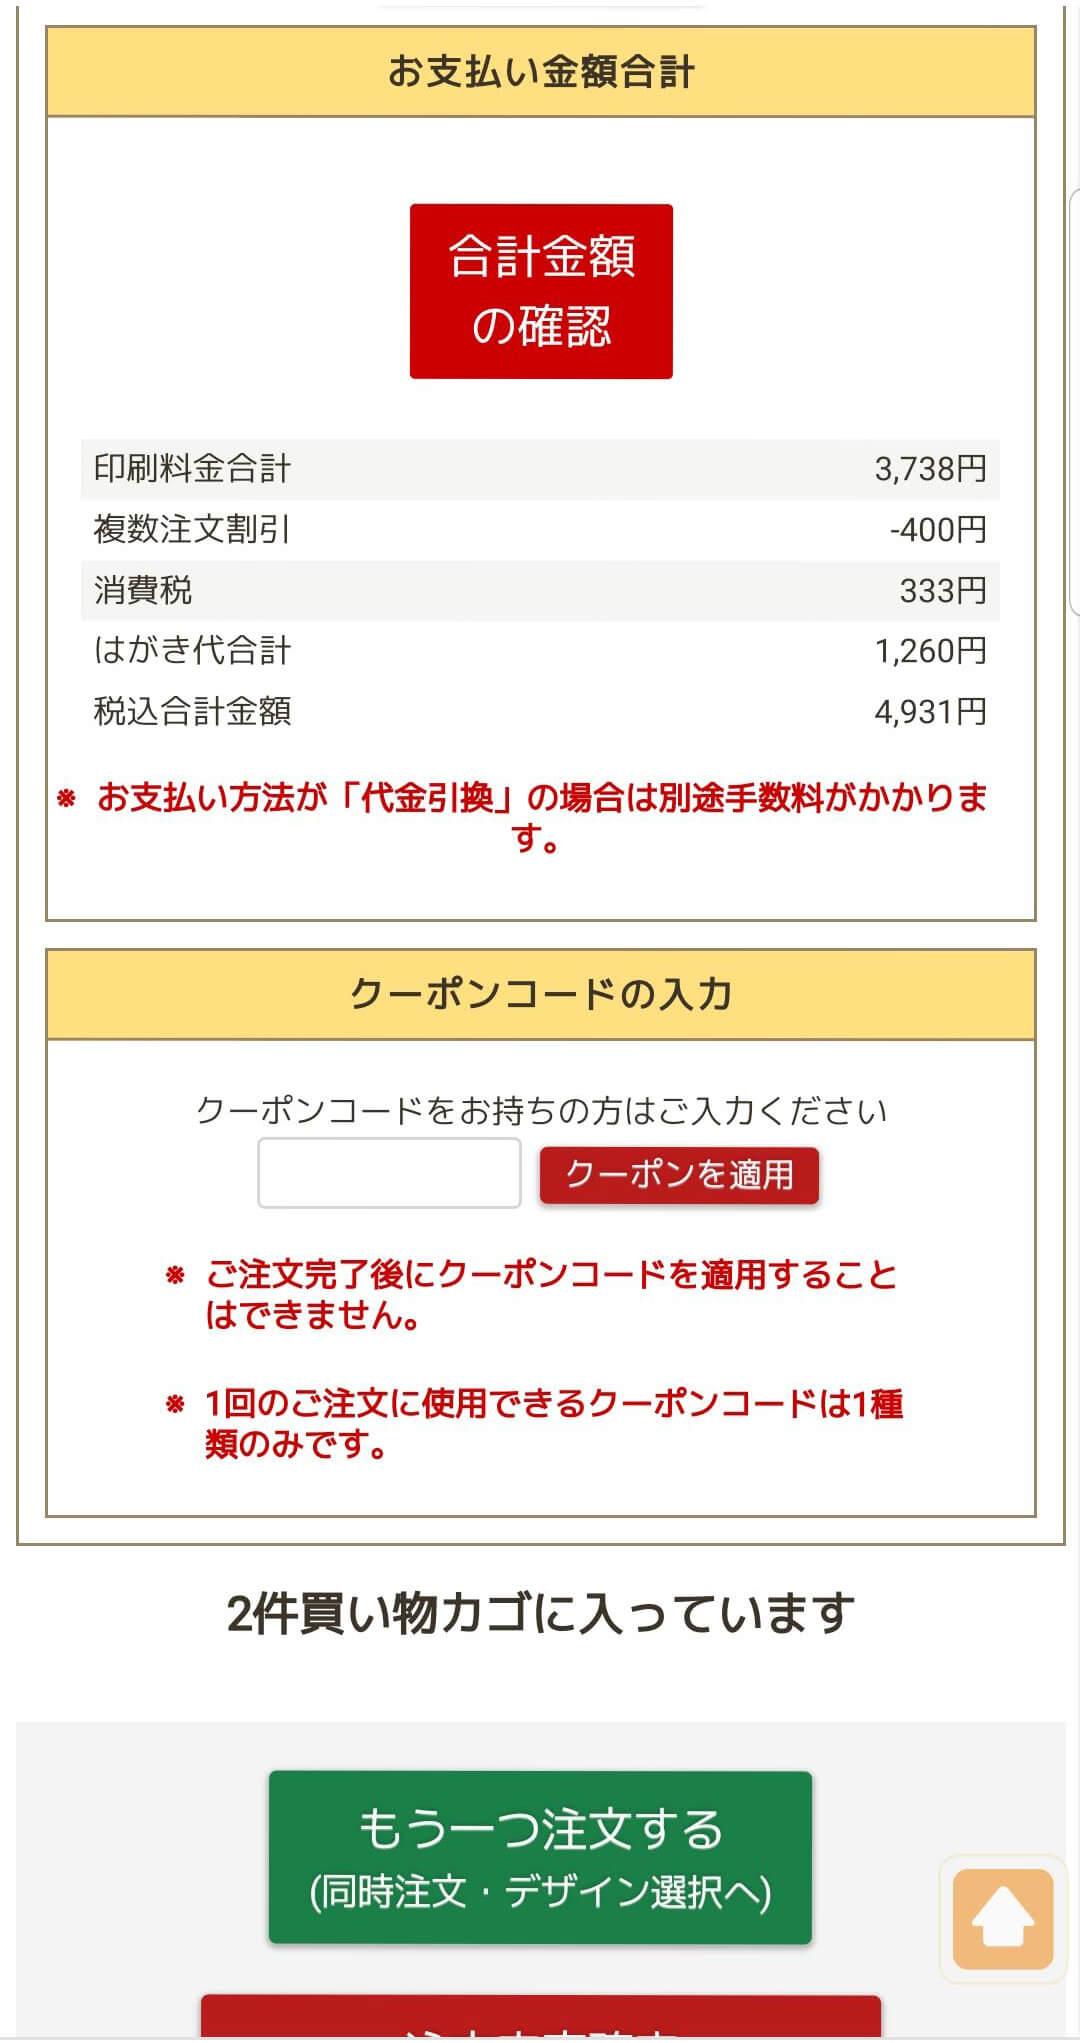 ネットスクウェアの年賀状の注文方法